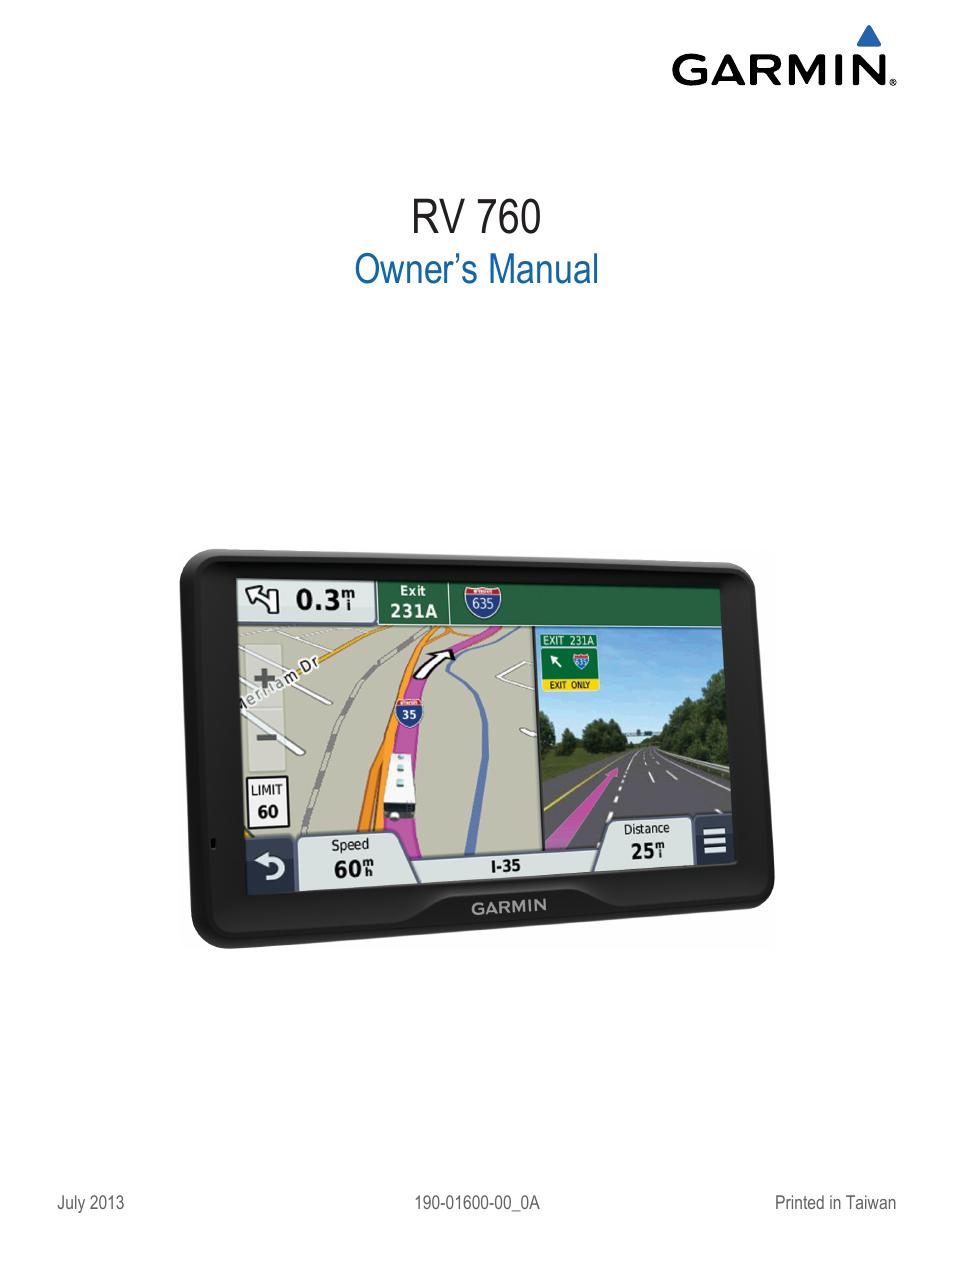 garmin rv 760lmt user manual 24 pages rh manualsdir com gps garmin nuvi 760 manual Update Garmin Nuvi 760 GPS